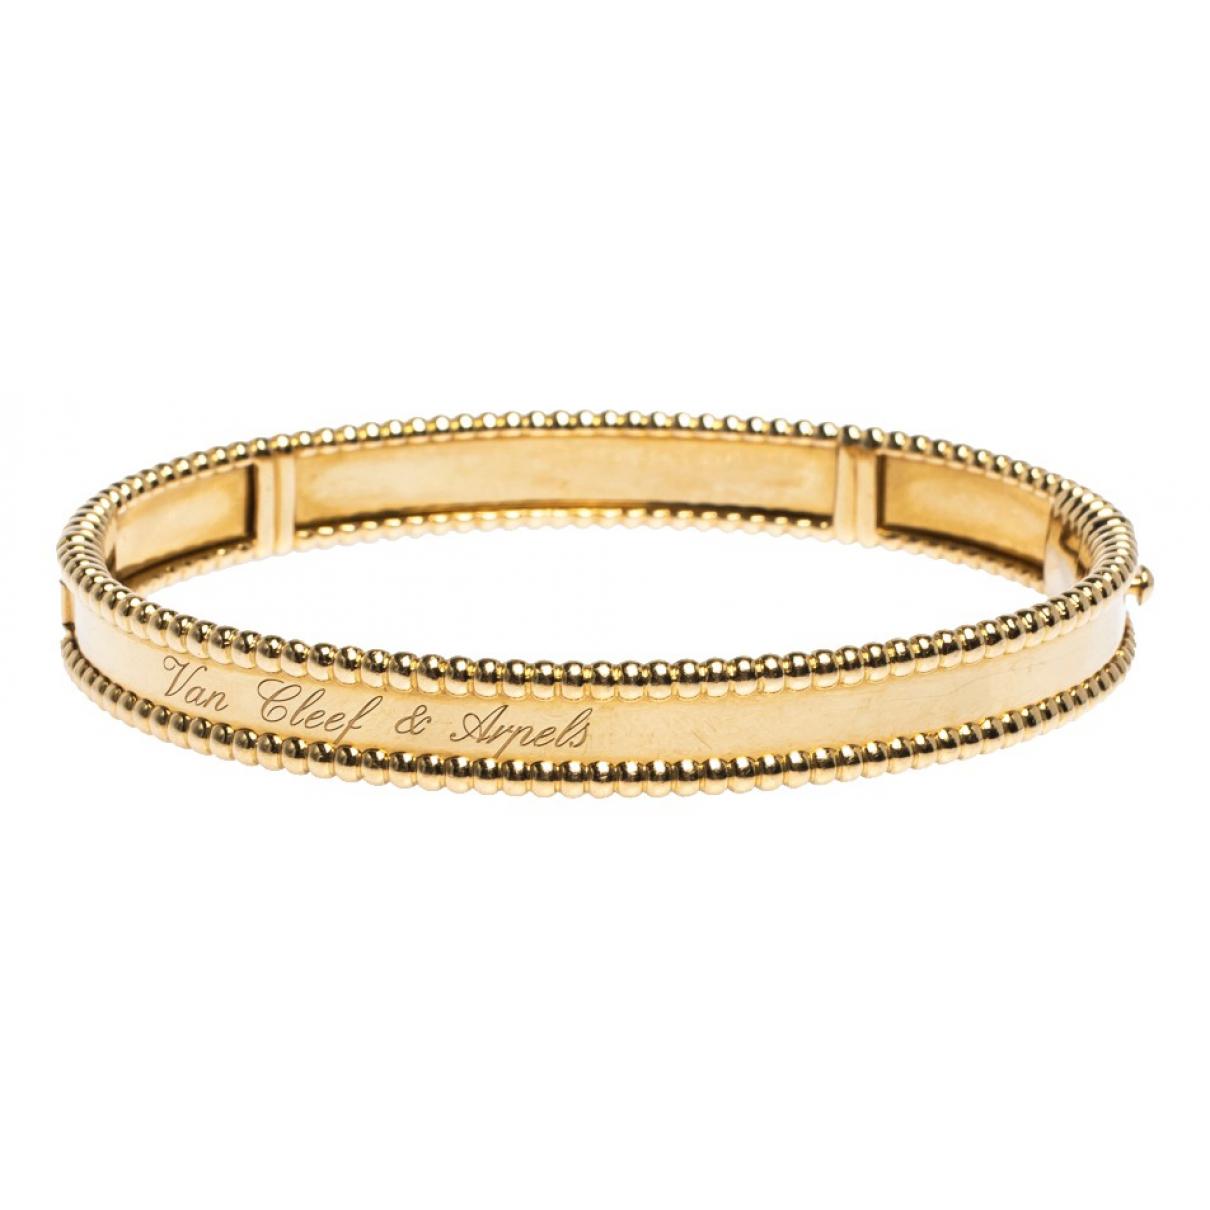 Van Cleef & Arpels Perlee  Armband in Gelbgold